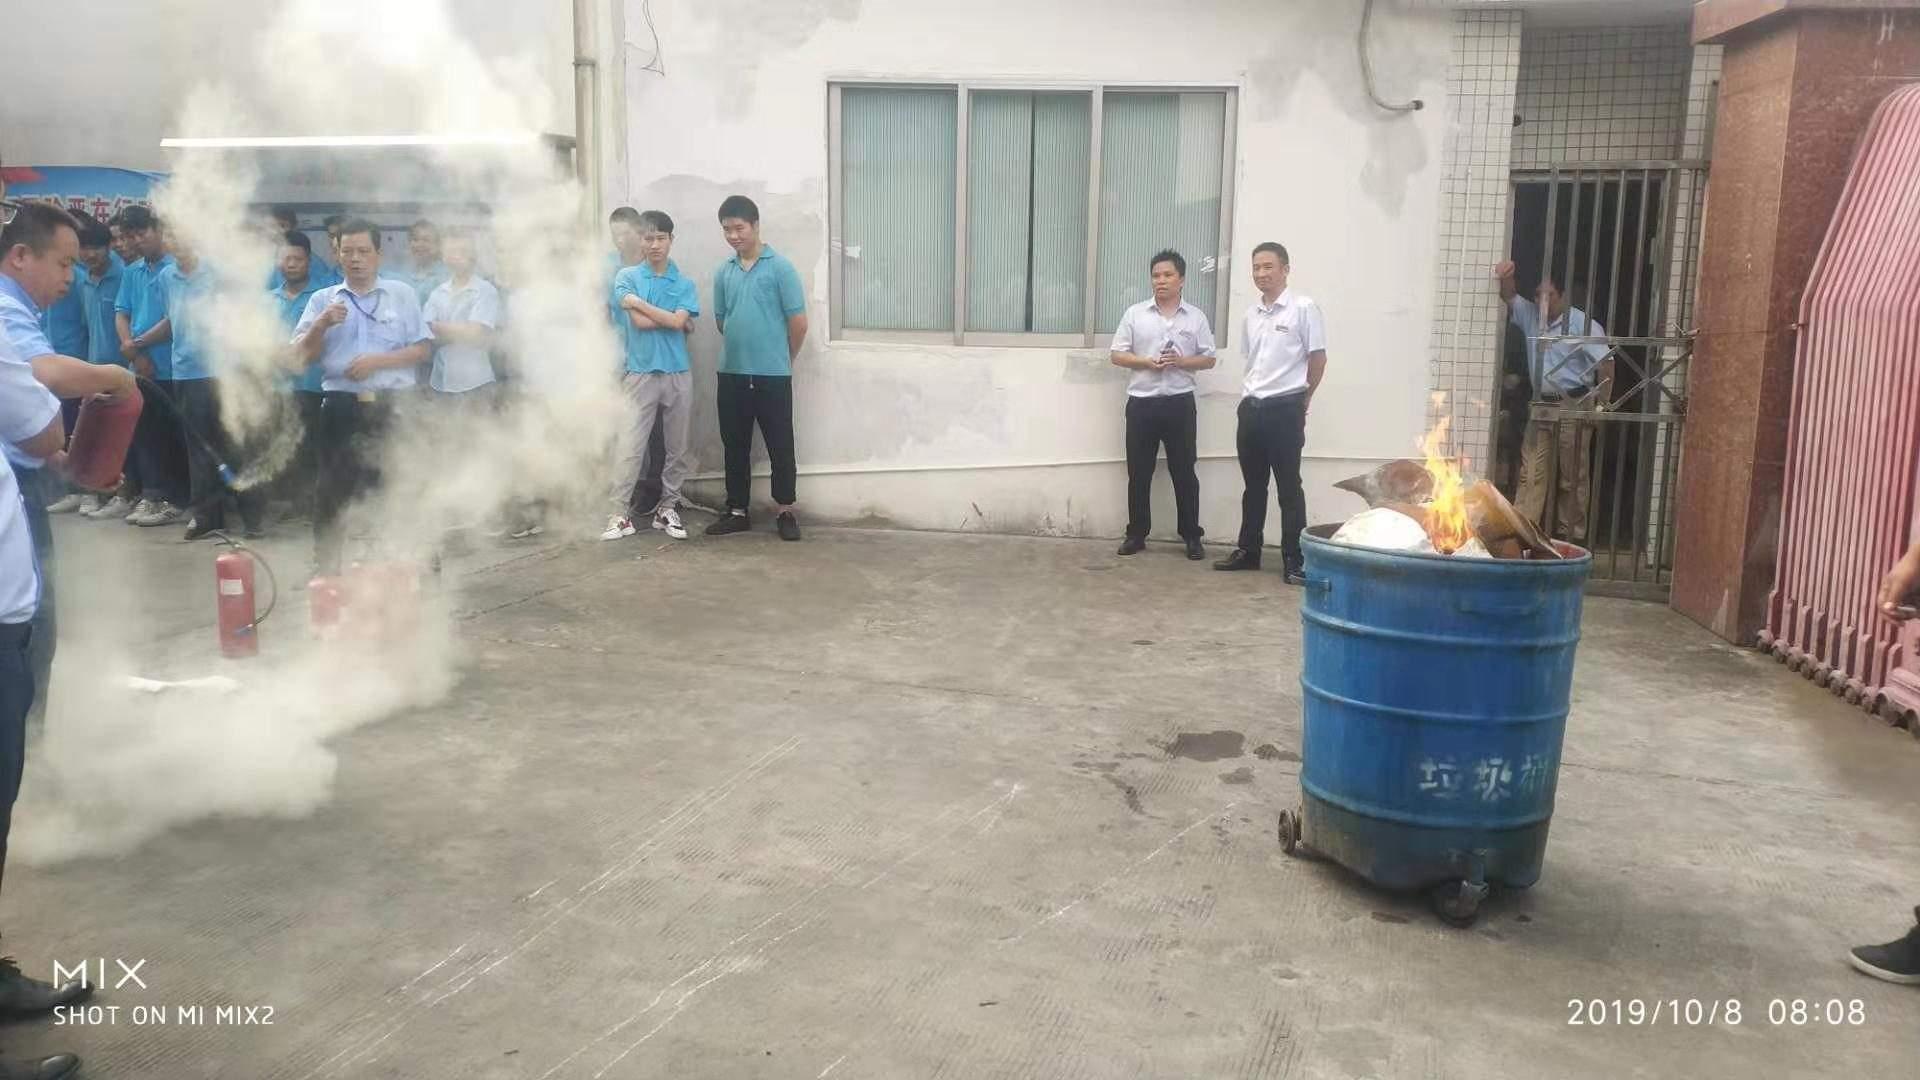 CYCO's Fire Drill